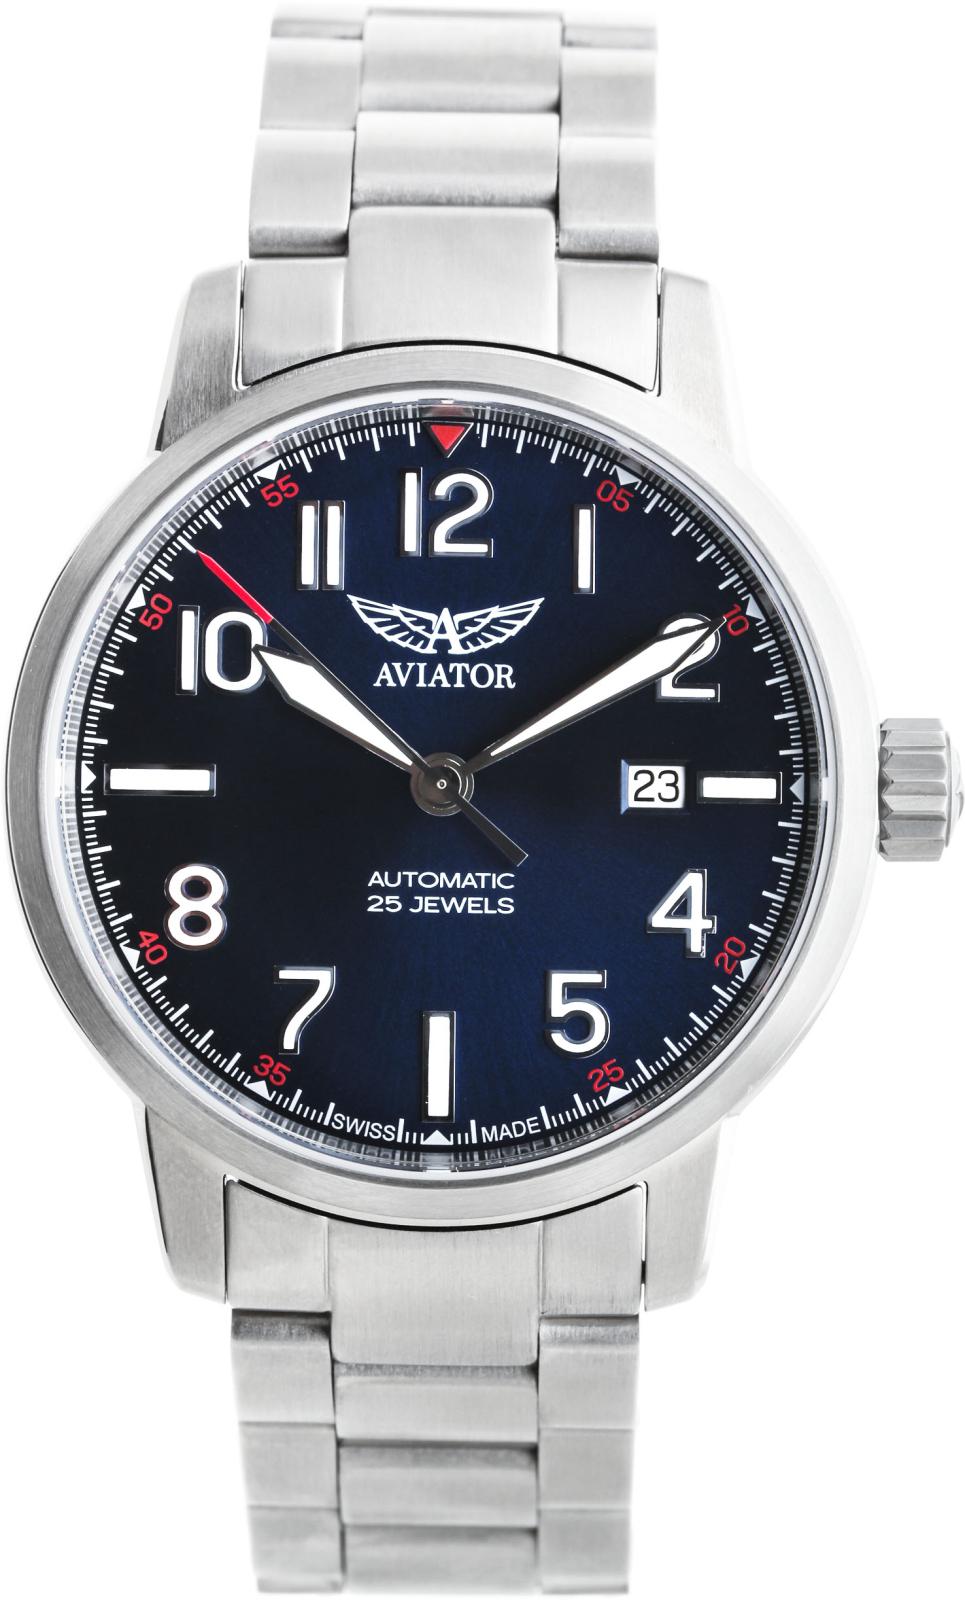 Aviator V.3.21.0.138.5   Наручные часы<br>Швейцарские часы Aviator Airacobra Auto V.3.21.0.138.5<br><br>Для кого?: Мужские<br>Страна-производитель: Швейцария<br>Механизм: Механический<br>Материал корпуса: Сталь<br>Материал ремня/браслета: Сталь<br>Водозащита, диапазон: 20 - 100 м<br>Стекло: Сапфировое<br>Толщина корпуса: 11,4 мм<br>Стиль: Классика